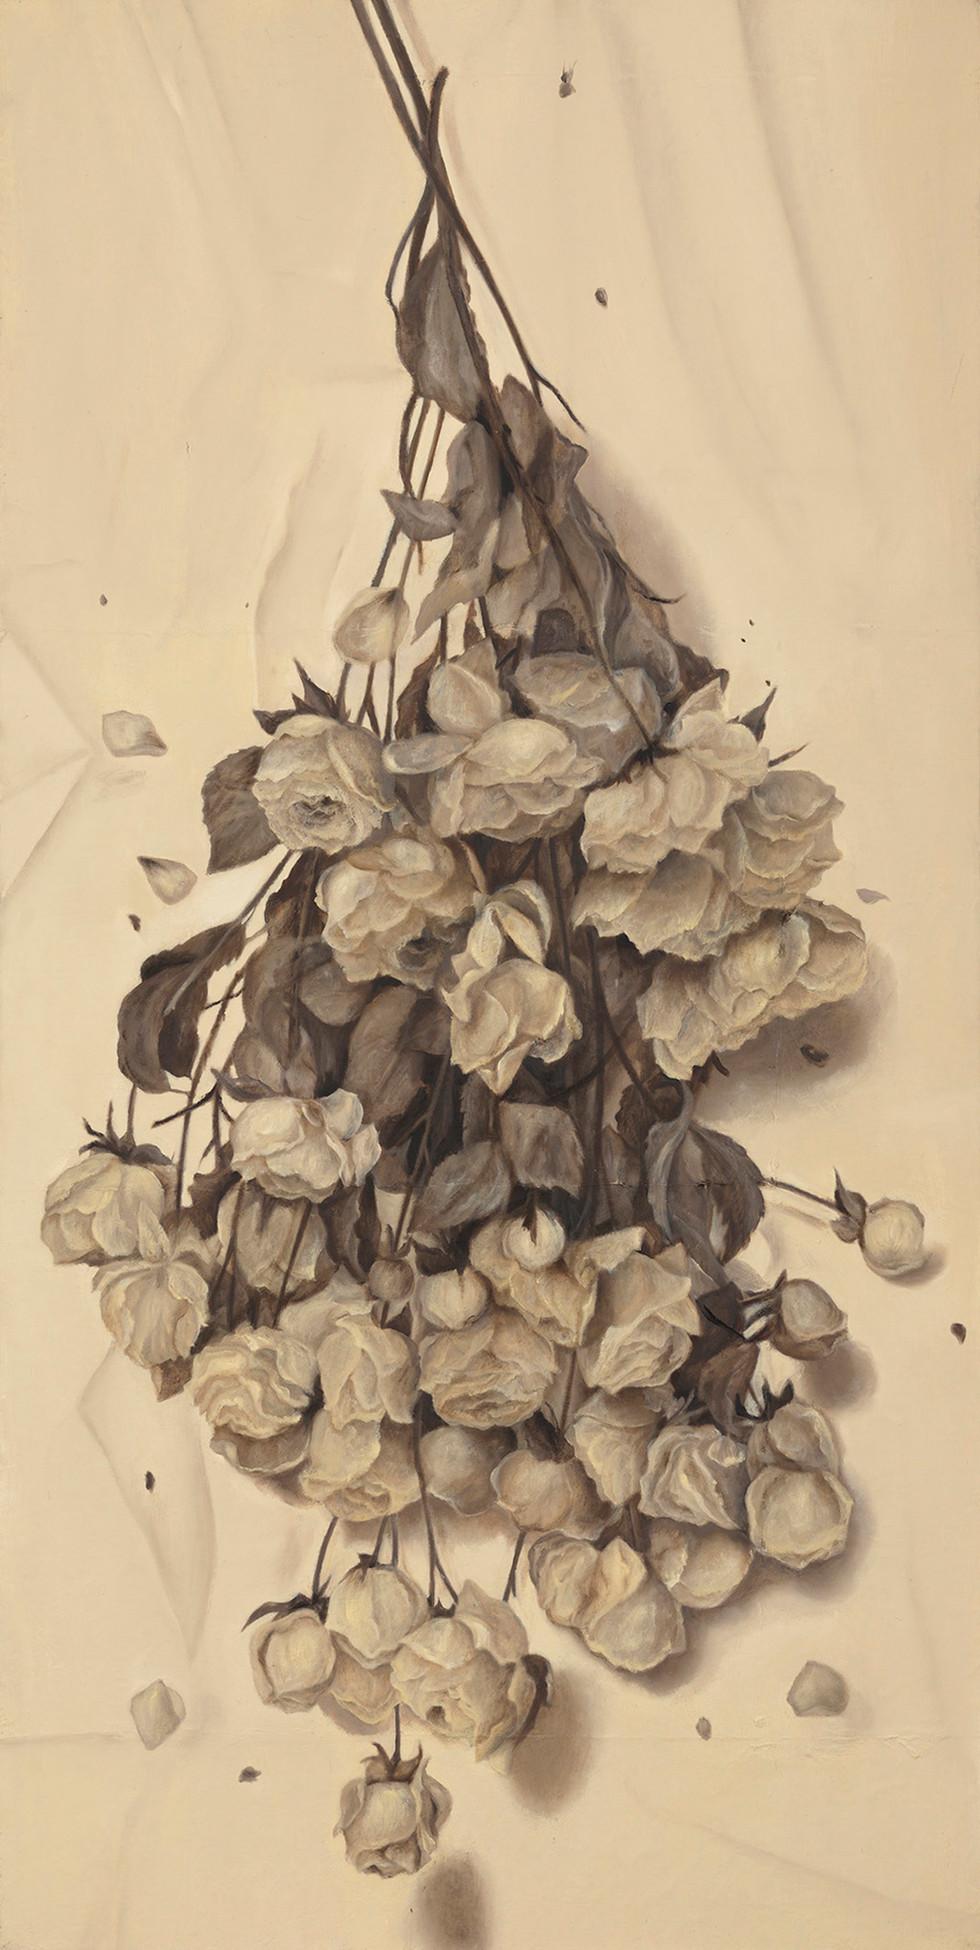 Senza titolo, 2012, olio su carta su tela, cm 180 x 90